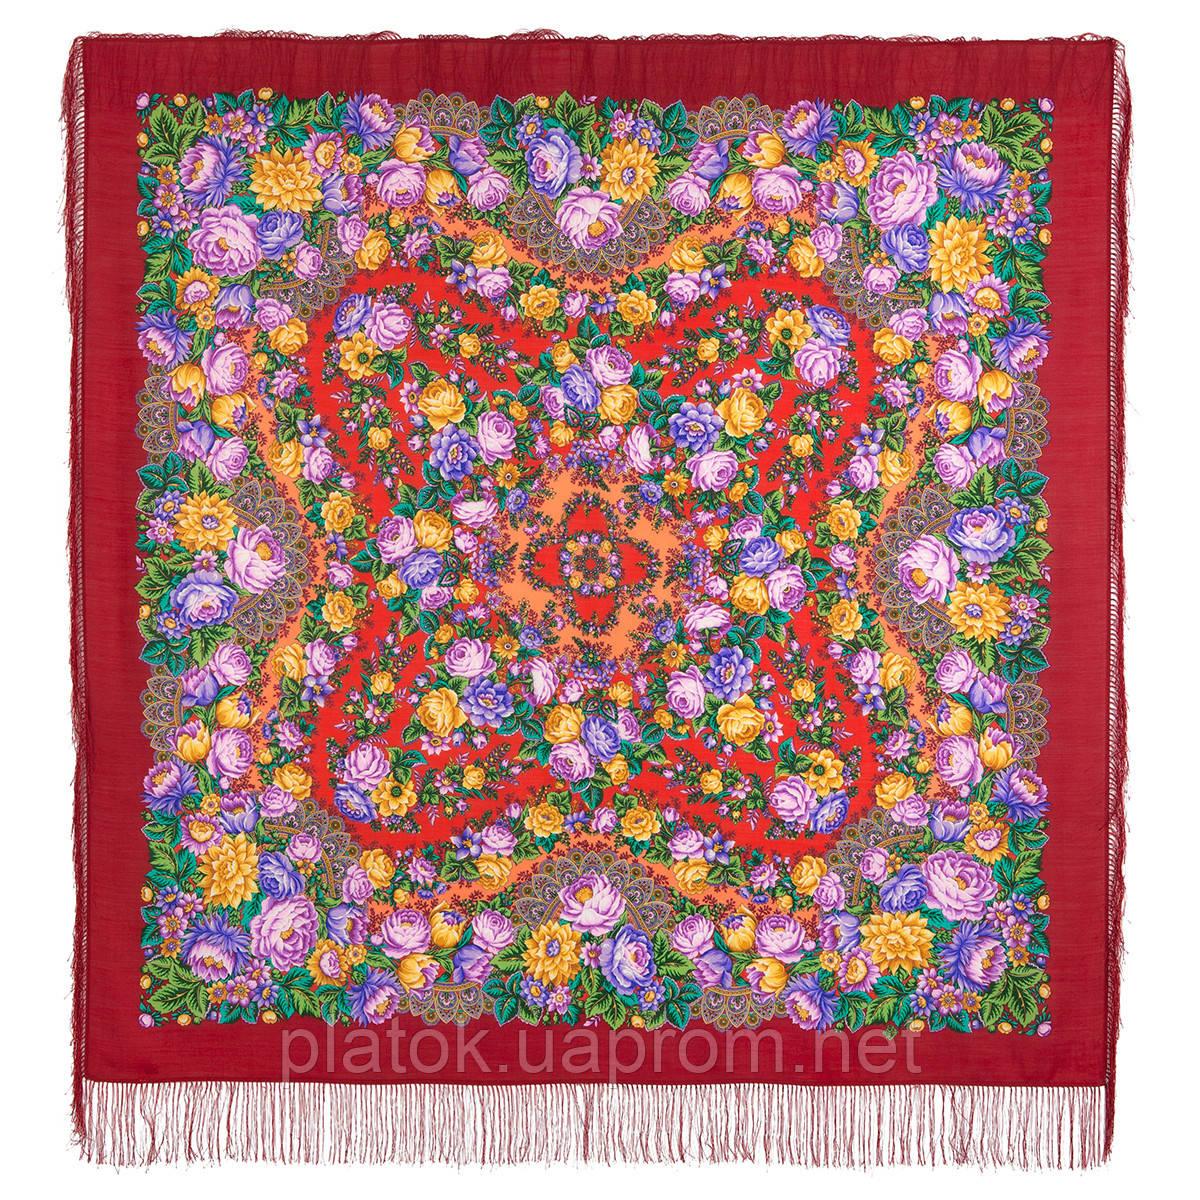 Цветочные бусы 1797-5, павлопосадский платок шерстяной  с шелковой бахромой